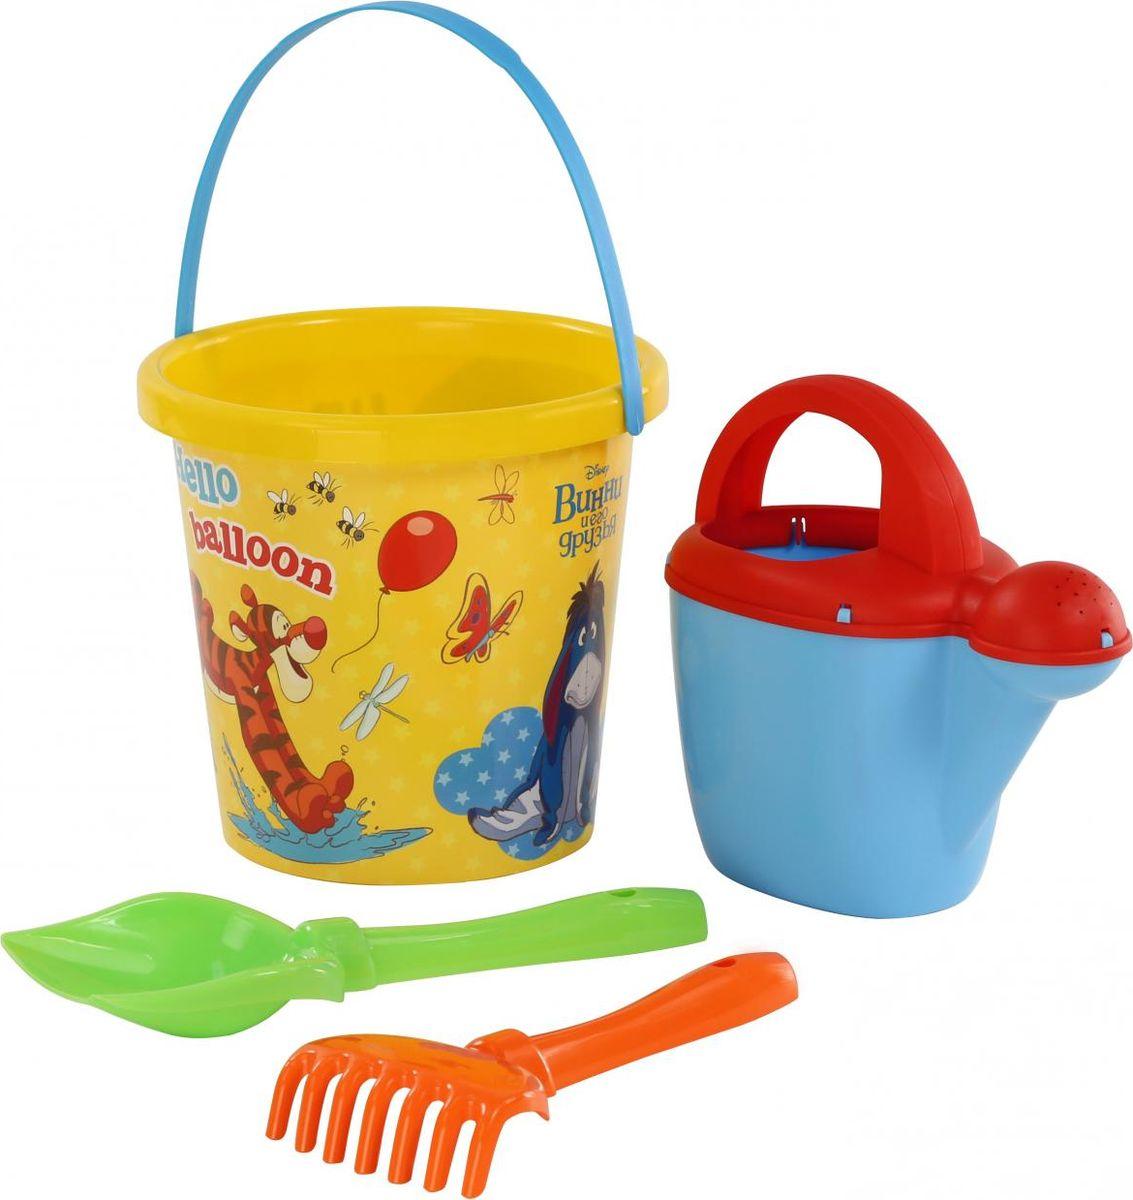 Disney Набор игрушек для песочницы Винни и его друзья №9 hemar набор для песочницы авто ptys 9 предметов